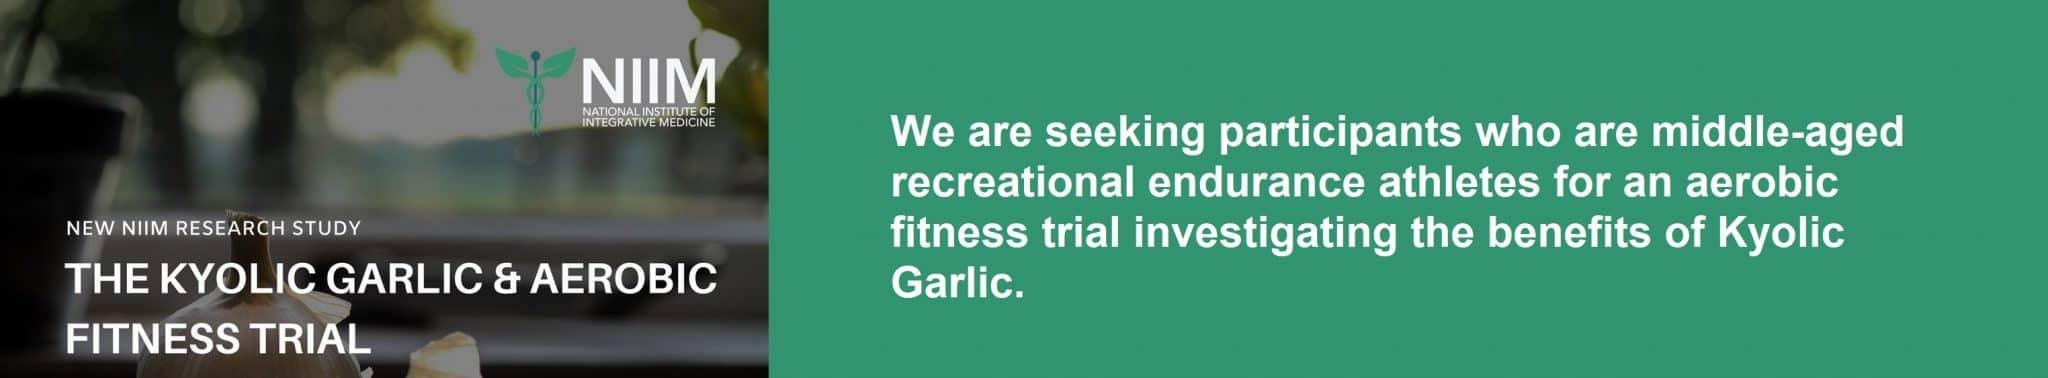 2NIIM_kyolic_garlic_trial_banner